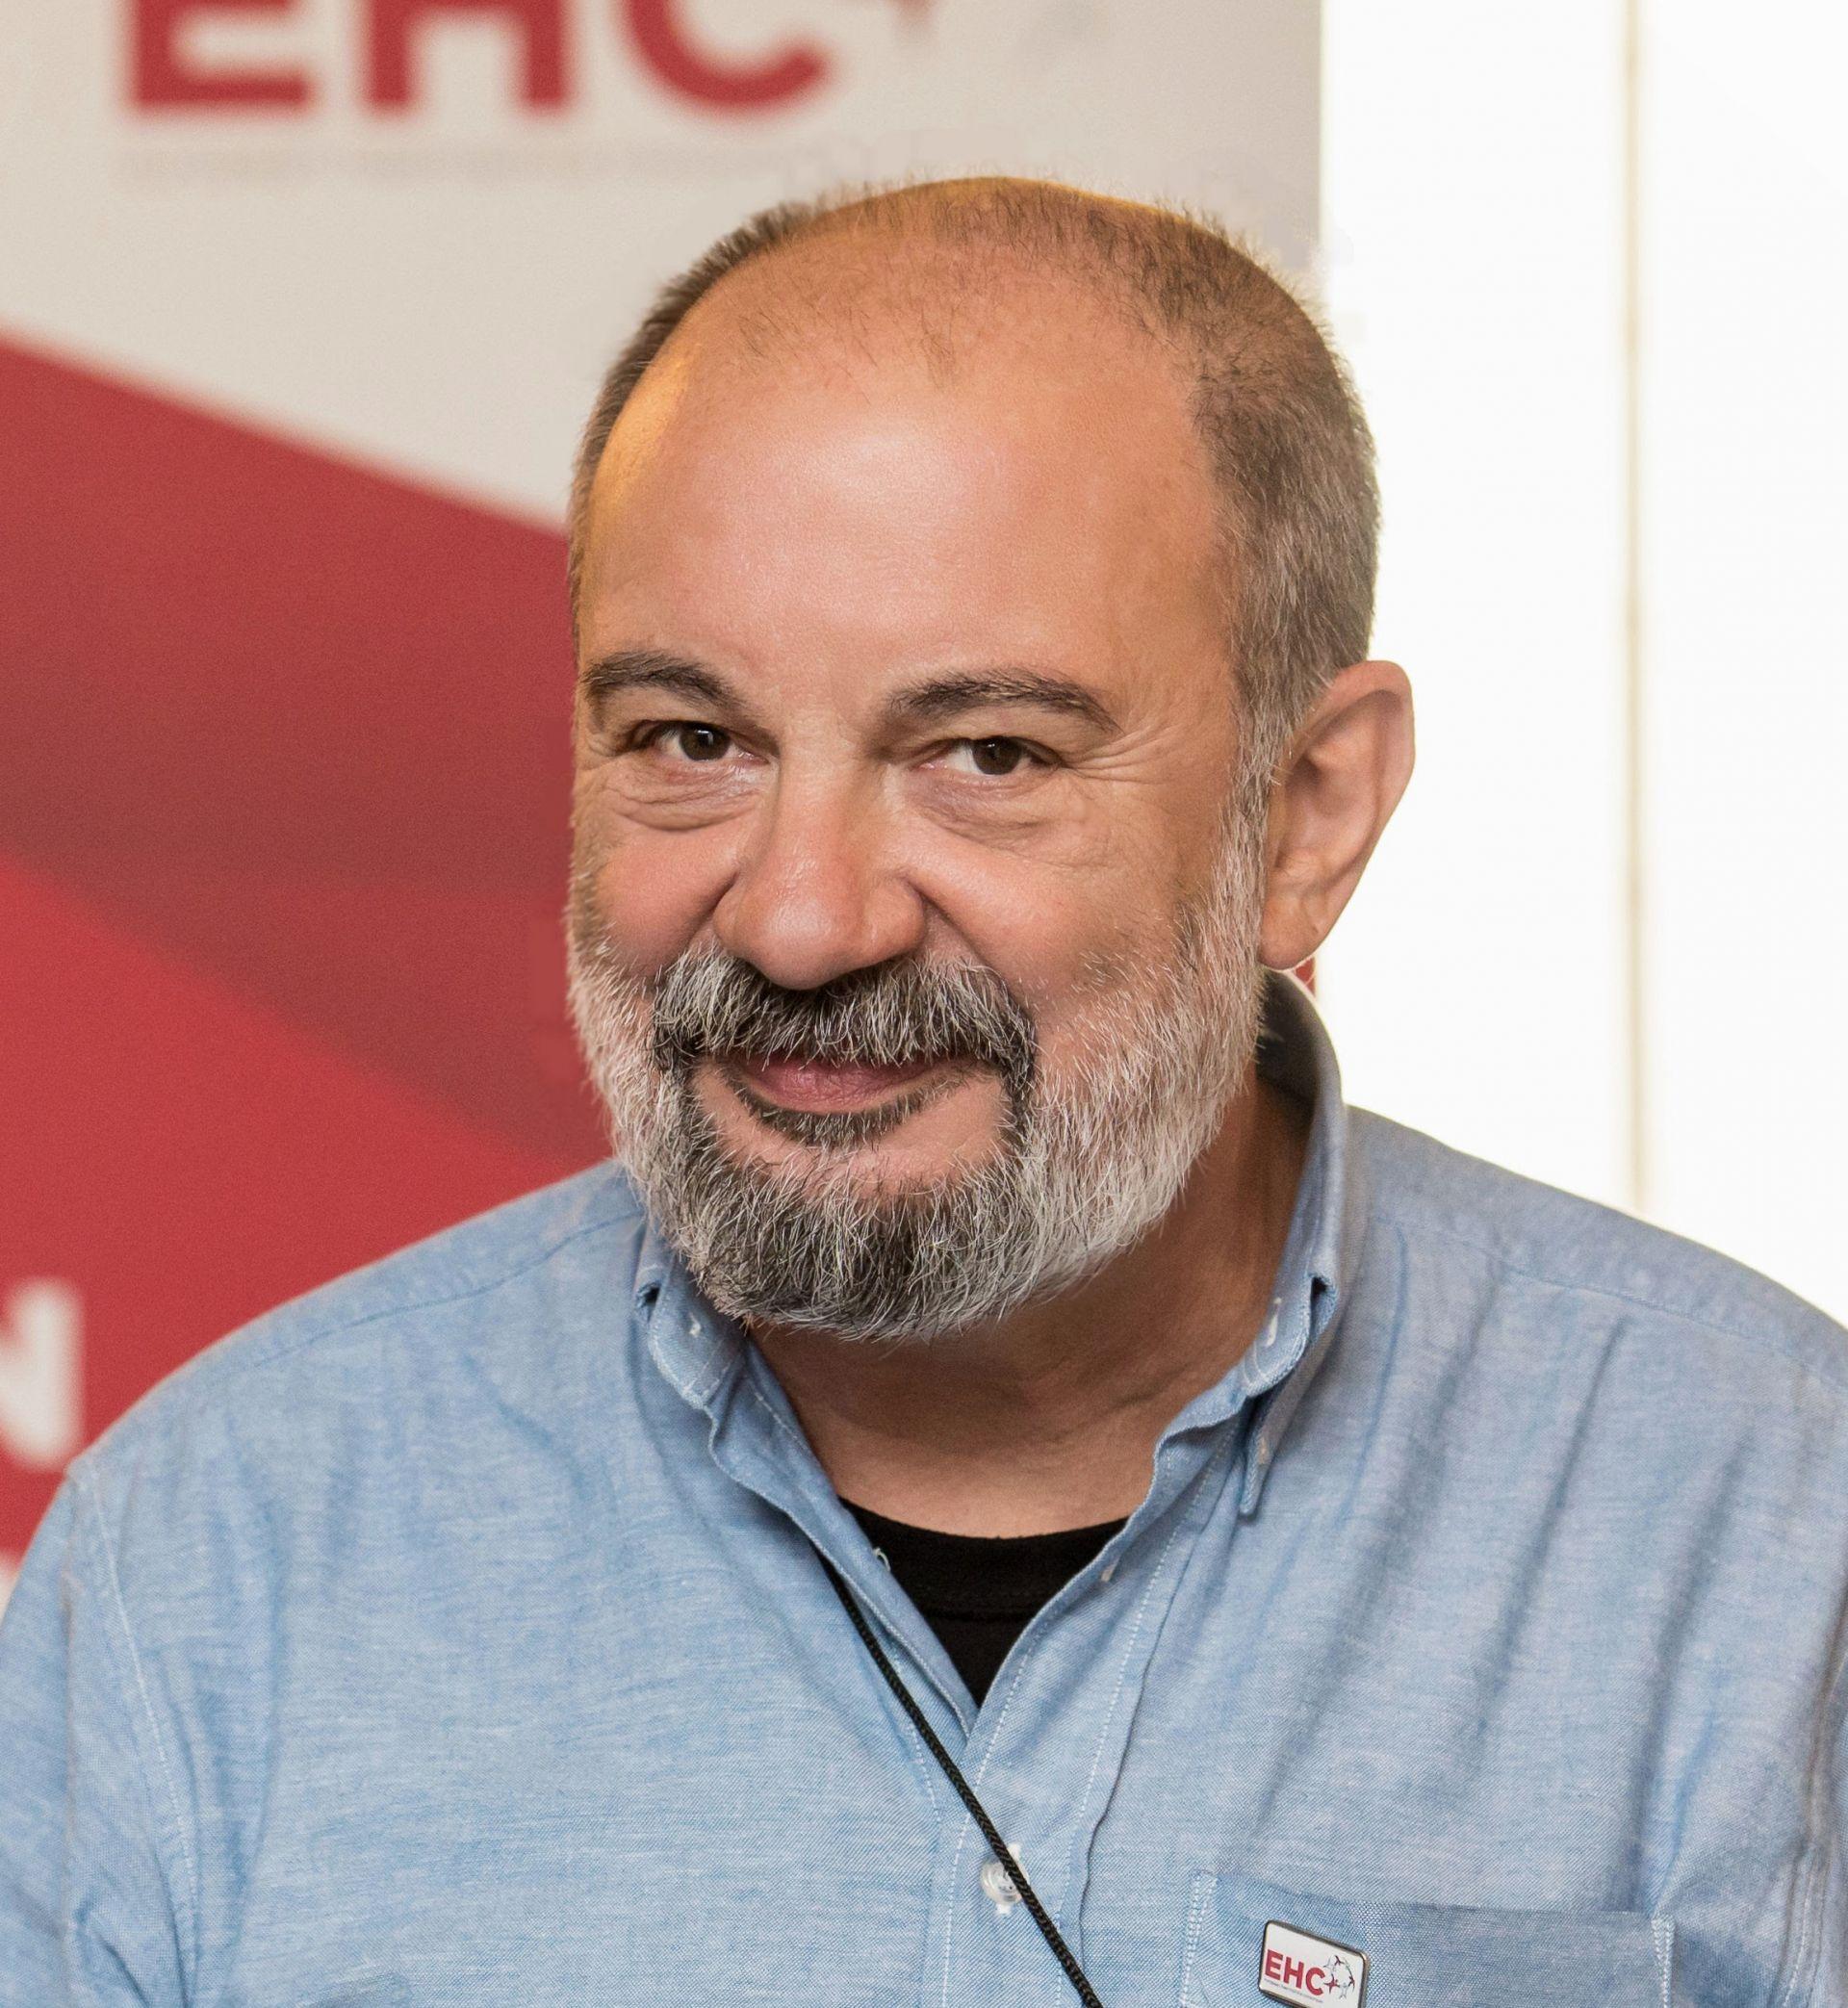 Йордан Недевски е съосновател и член на Българската Асоциация по Хемофилия